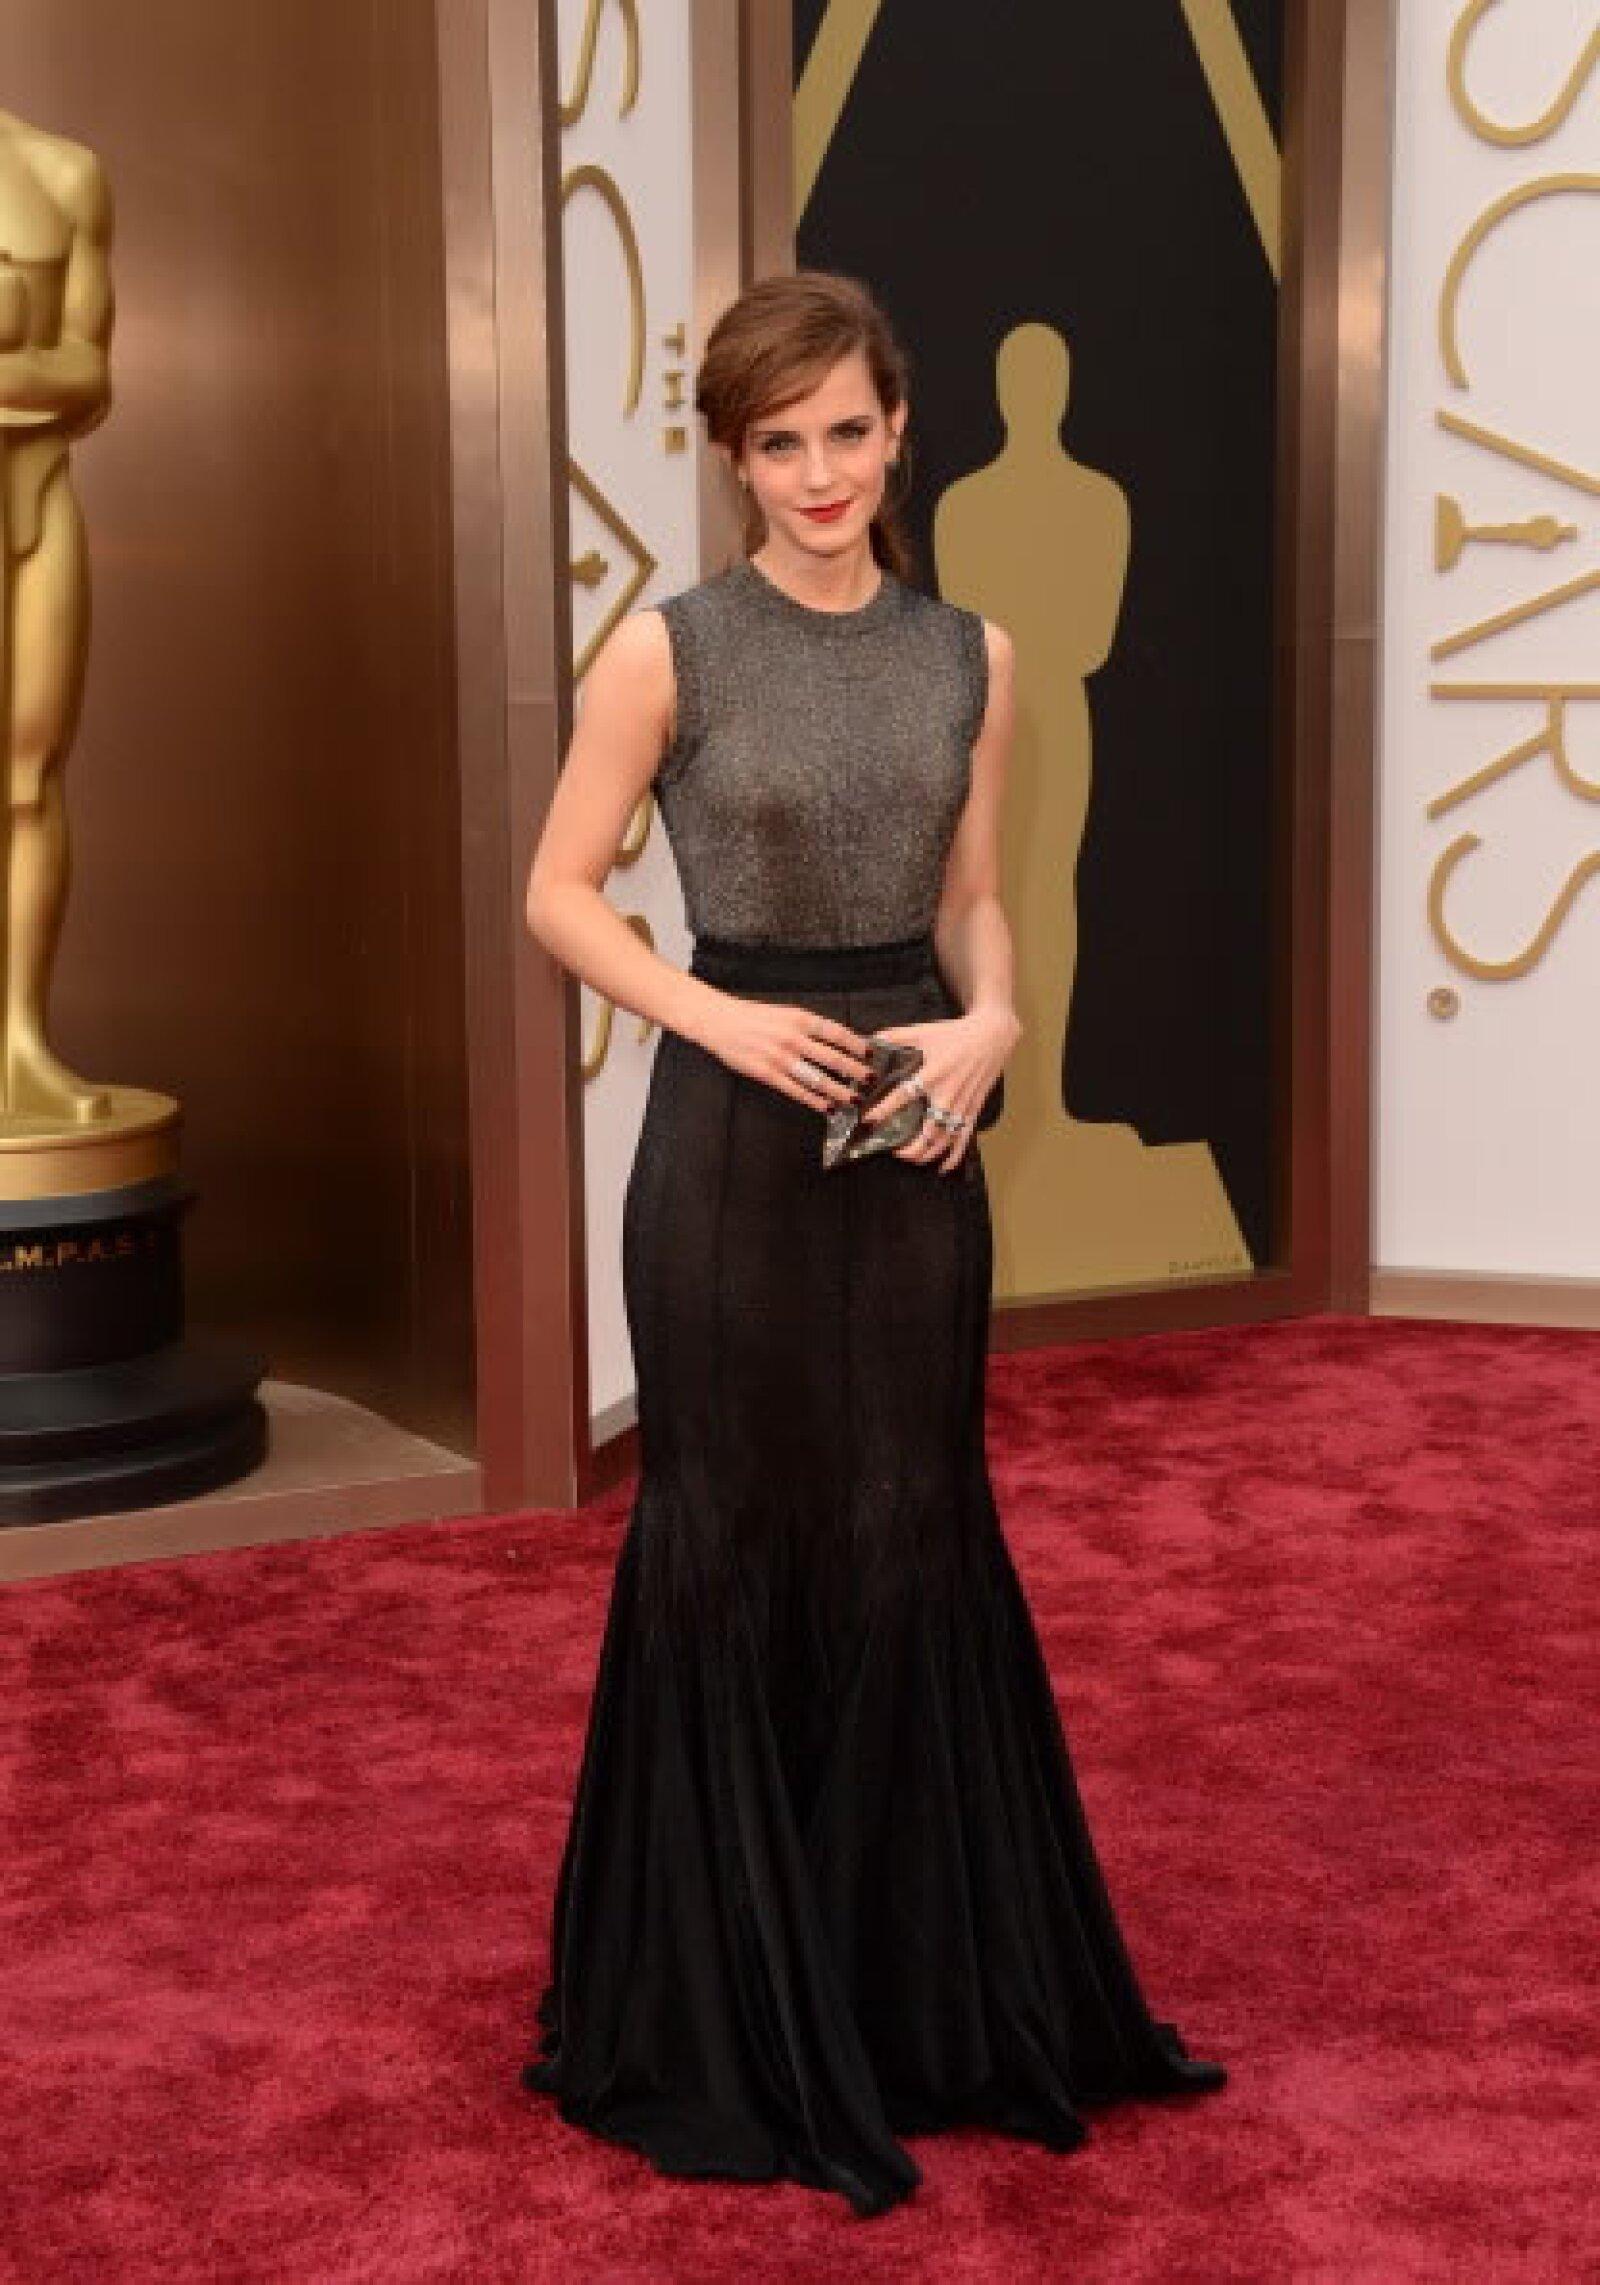 Para los Oscars 2014 la actriz lució espectacular en un vestido de Vera Wang, el cual complementó con unos zapatos Jimmy Choo. El diseño le hizo lucir su definida  figura.